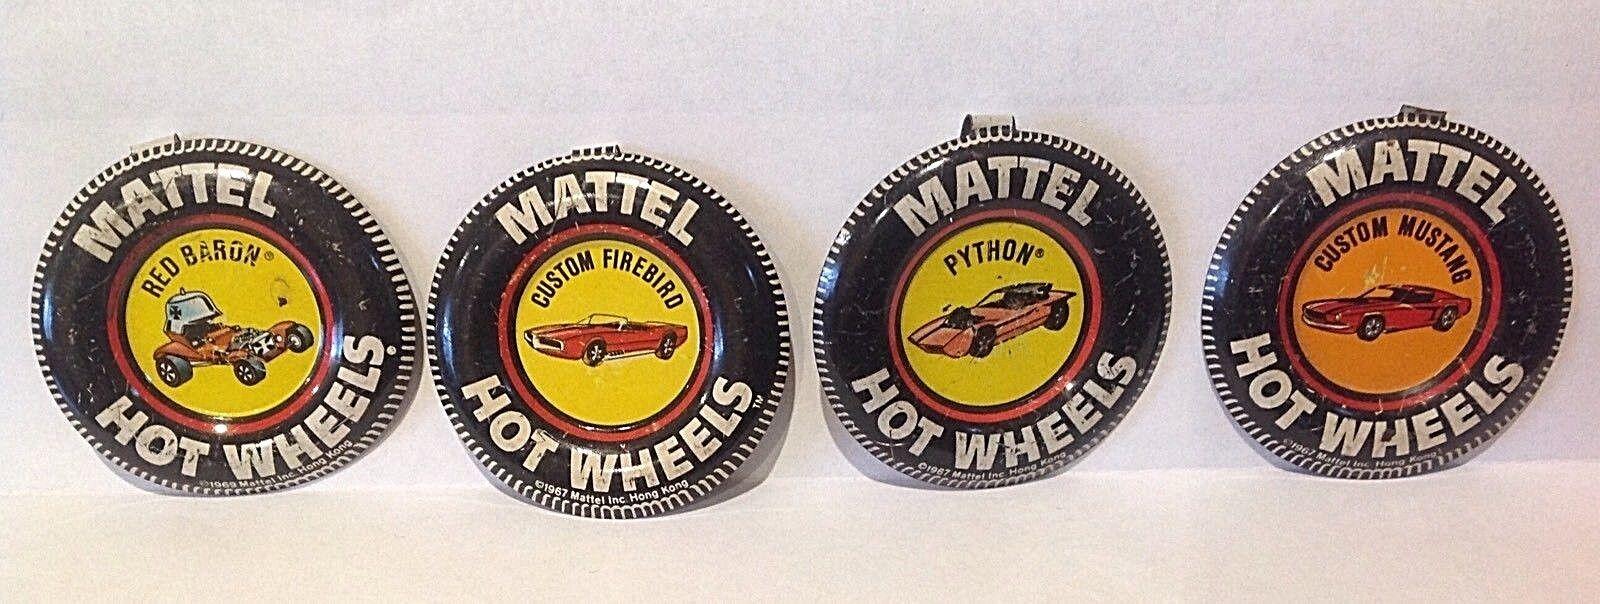 Hot Wheels rojo los trazadores de líneas insignias metálicas metálicas metálicas 1967 69 f8d91d